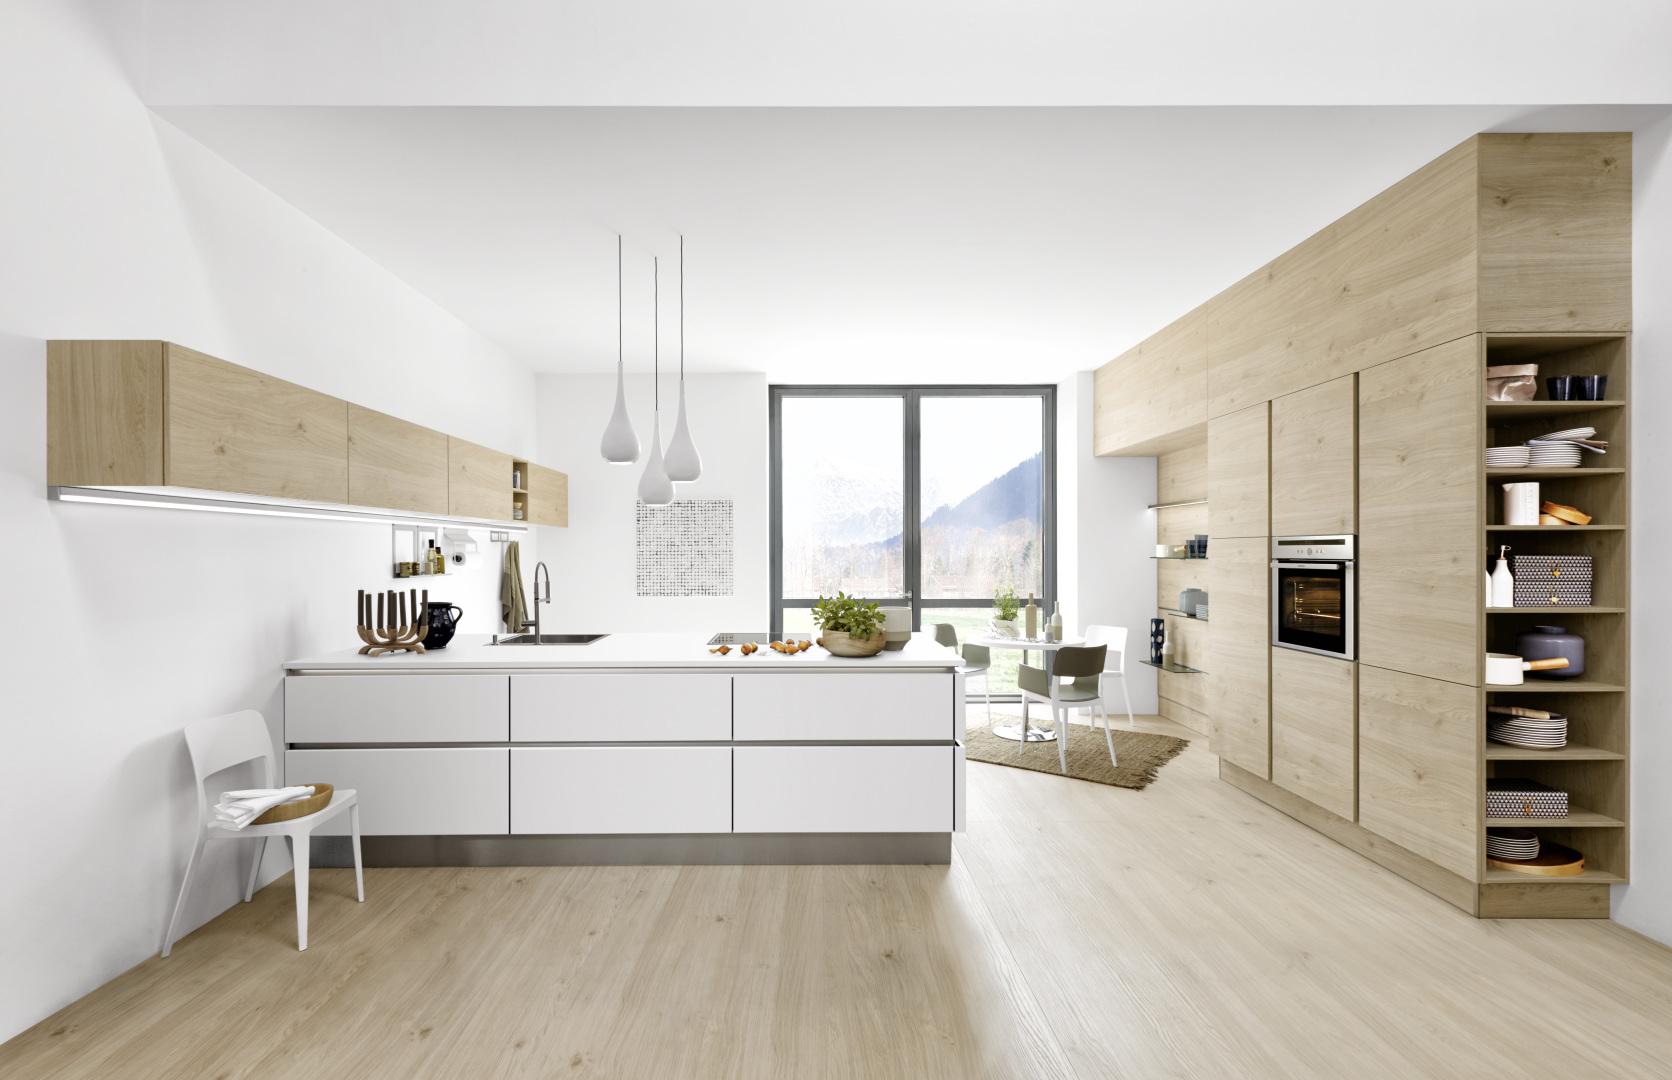 meble kuchenne w białych odcieniach w czystych i designerskich wnętrzach